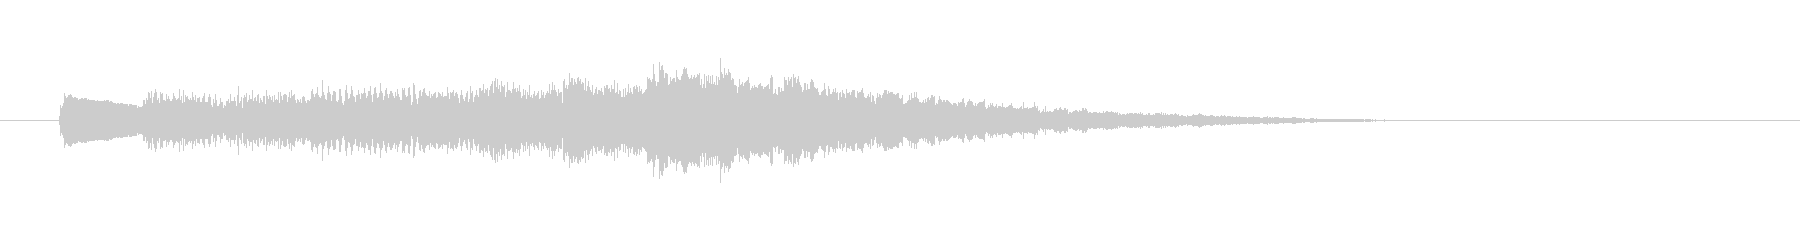 タラララン(呼び出し音、お知らせ、発車)の未再生の波形